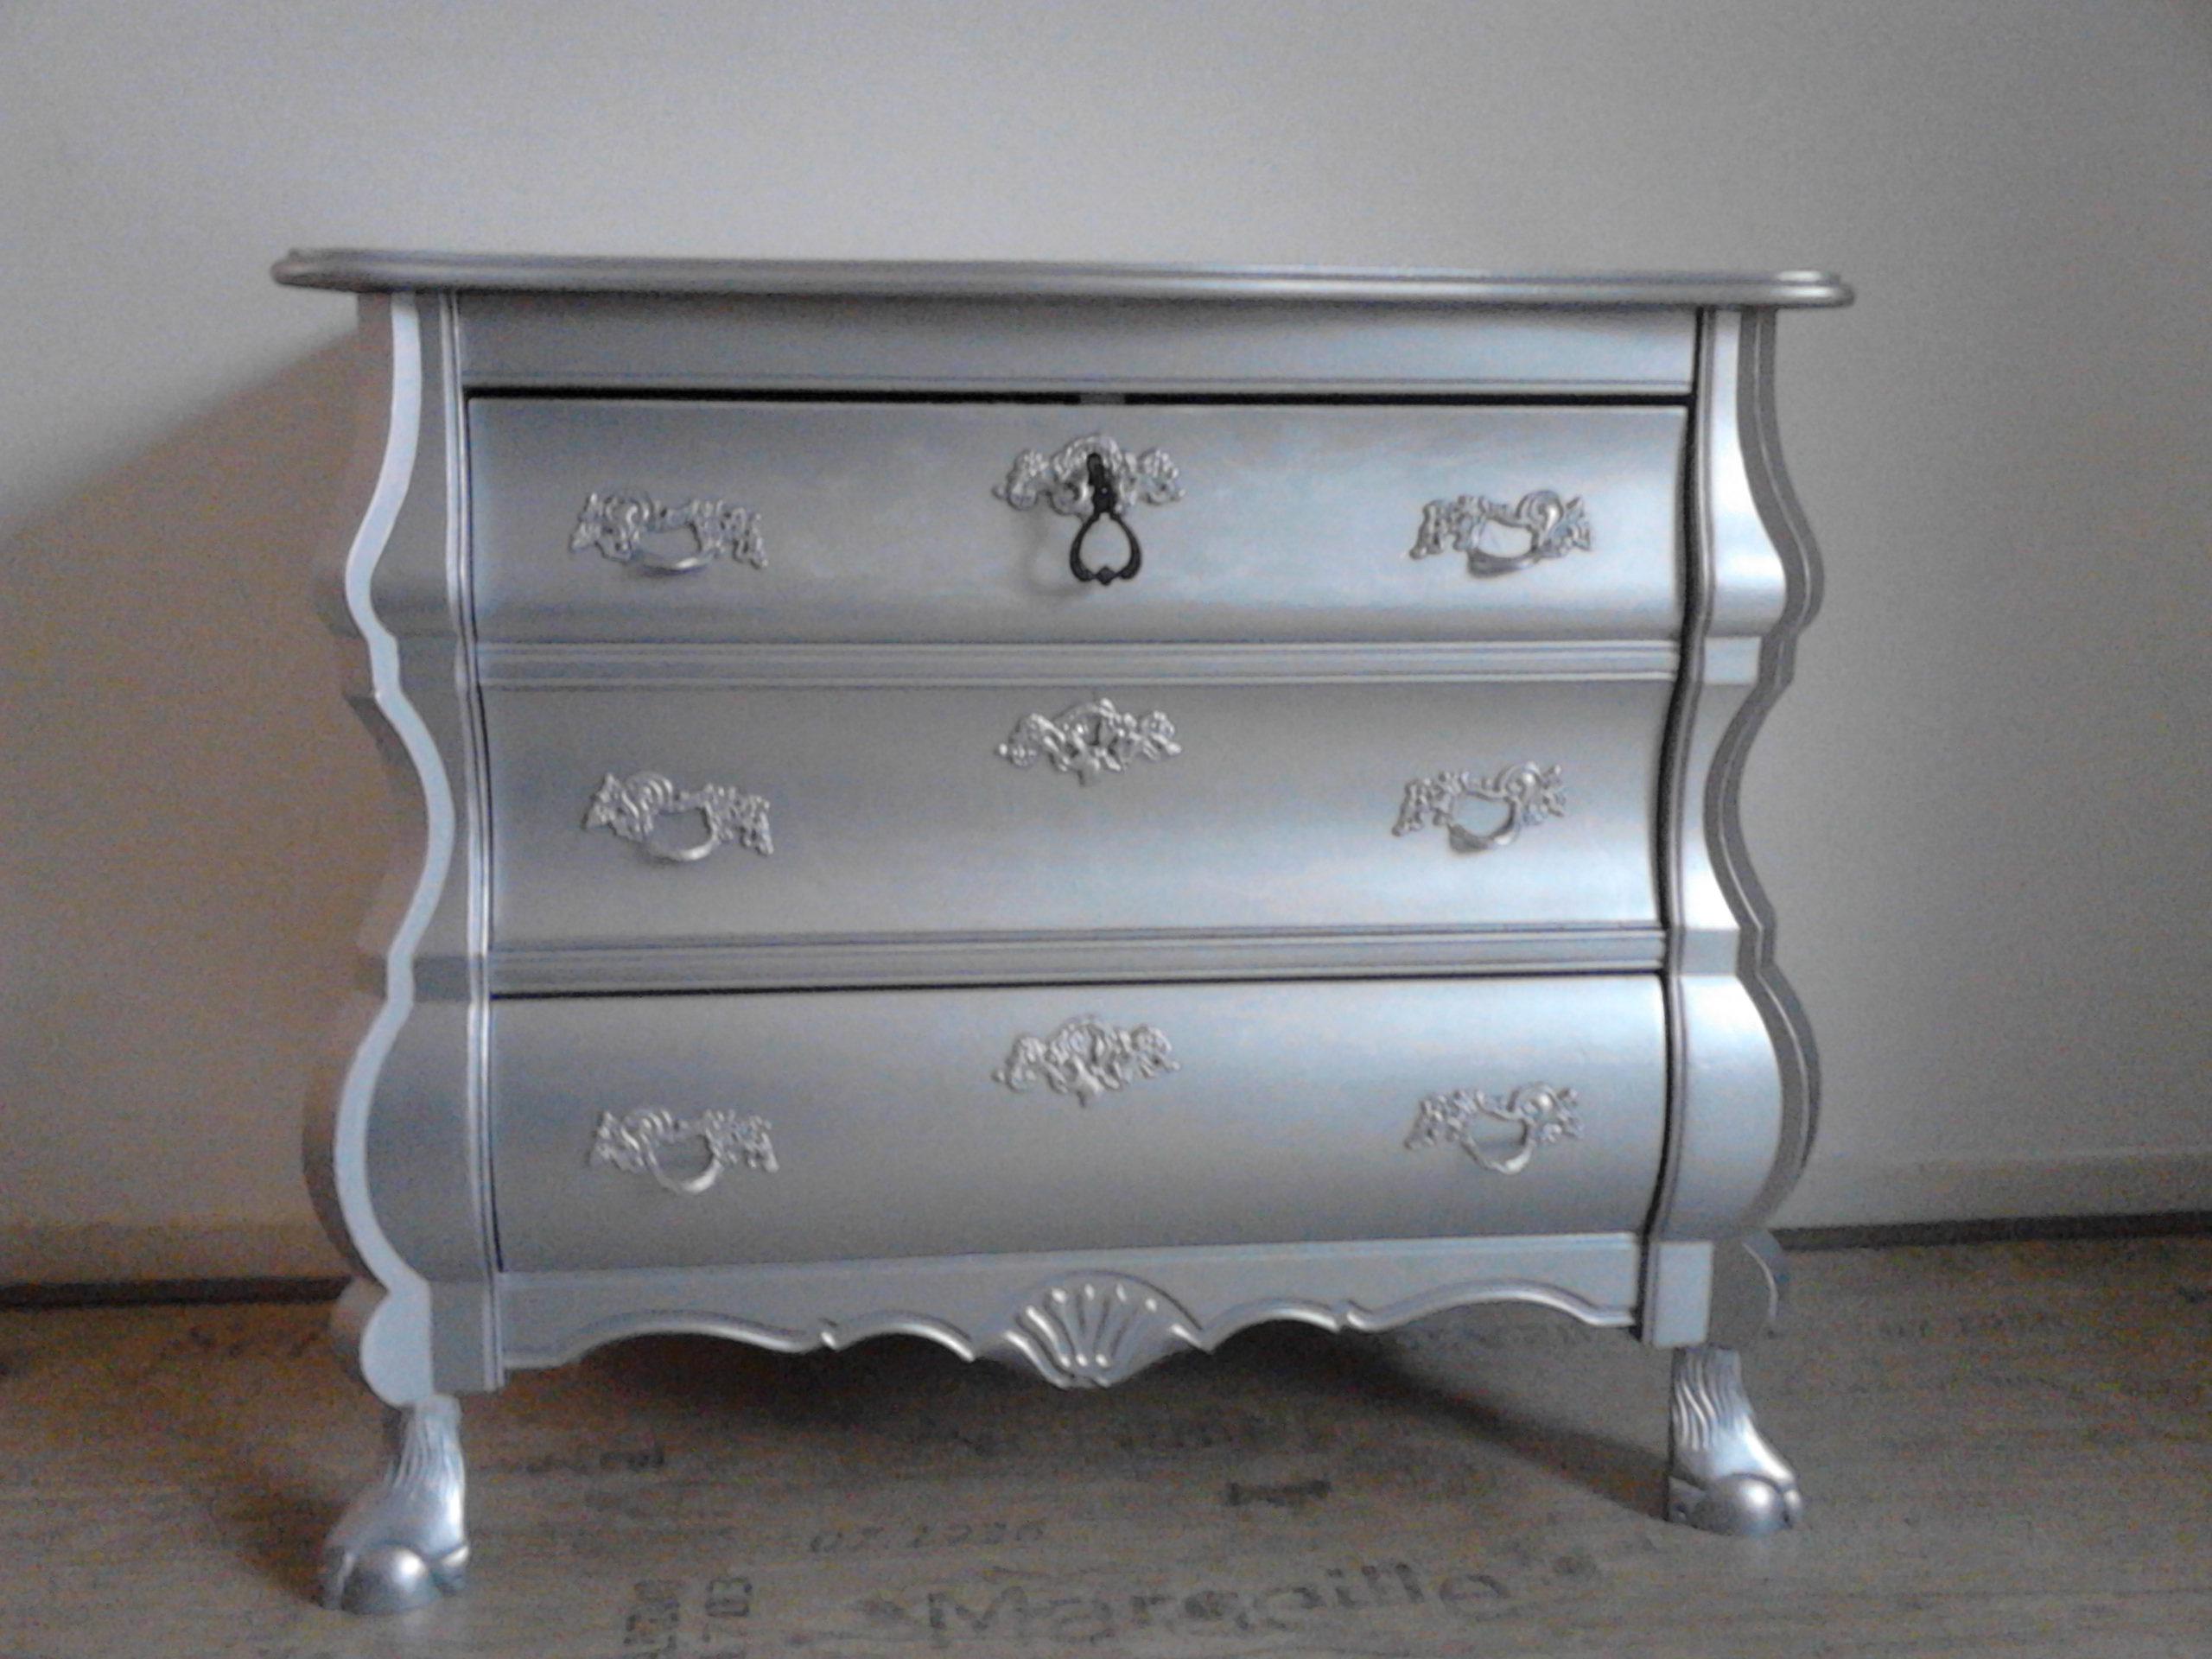 buikkast zilver nu  u20ac179 Gratis thuisbezorging in Nederland!